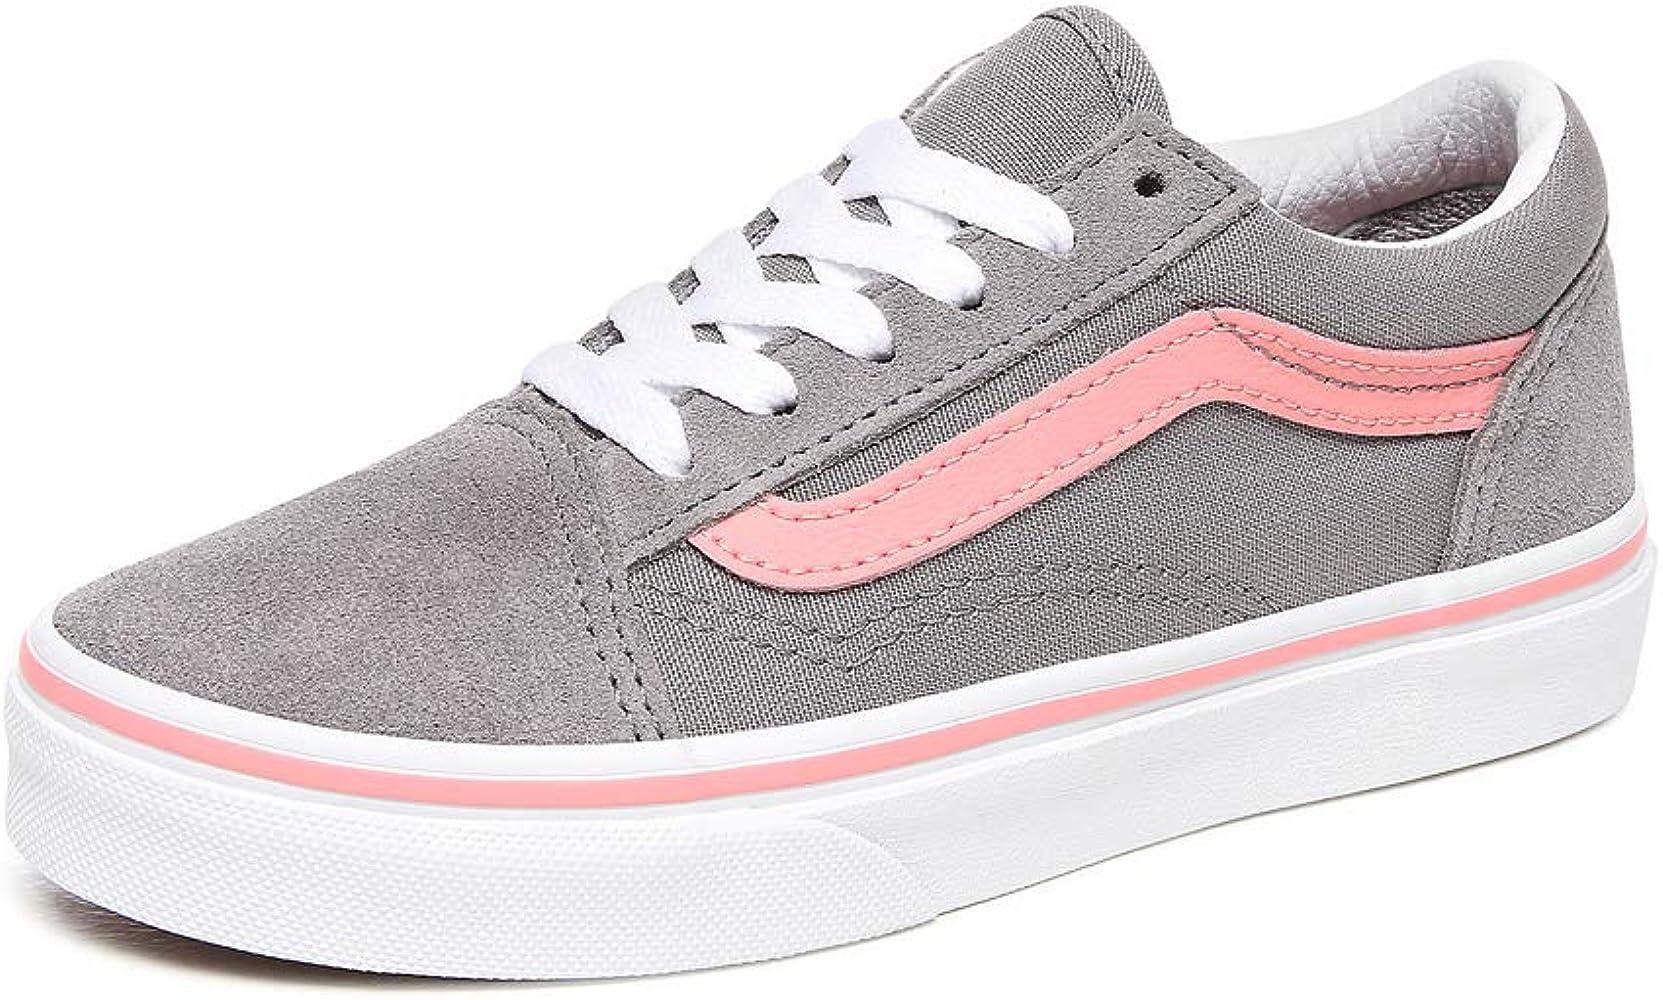 Vans Old Skool Trainers Girls Grey/Pink